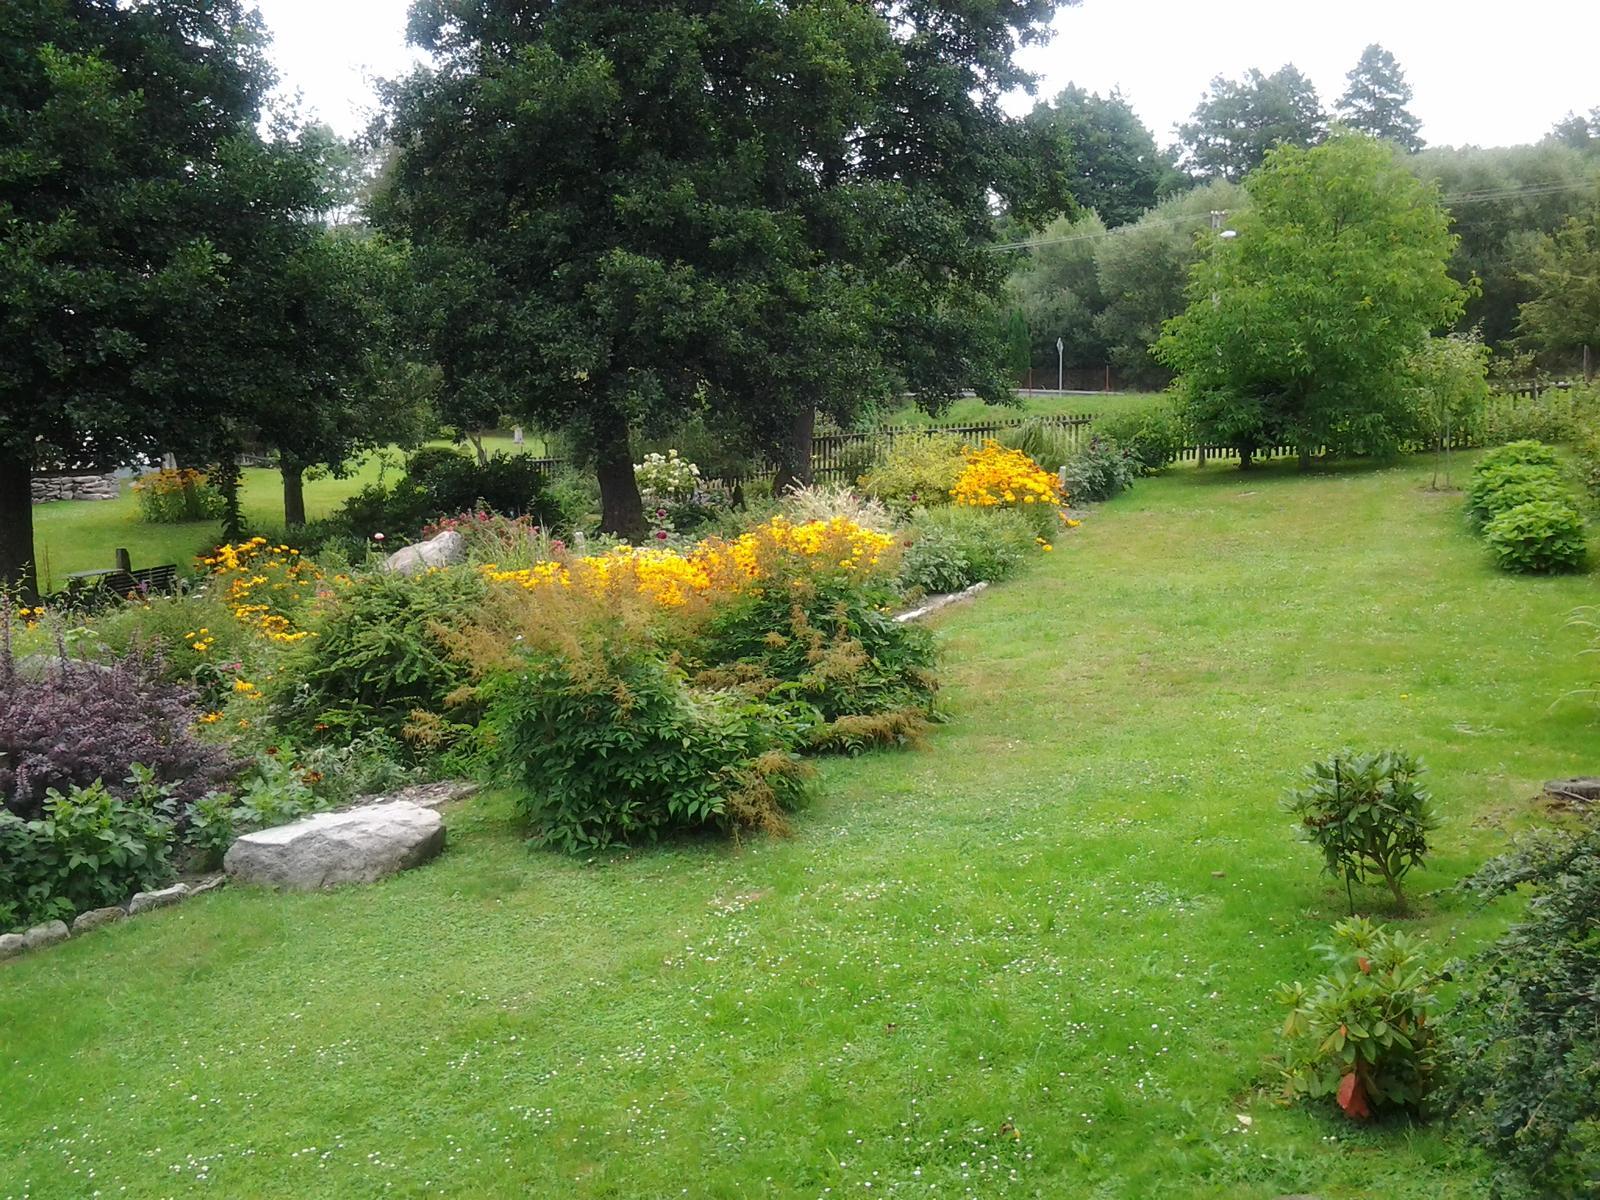 Jihočeská venkovská zahrada. - Tady už porostou jahody,jen okrasnou zahradu jsme vzdali.